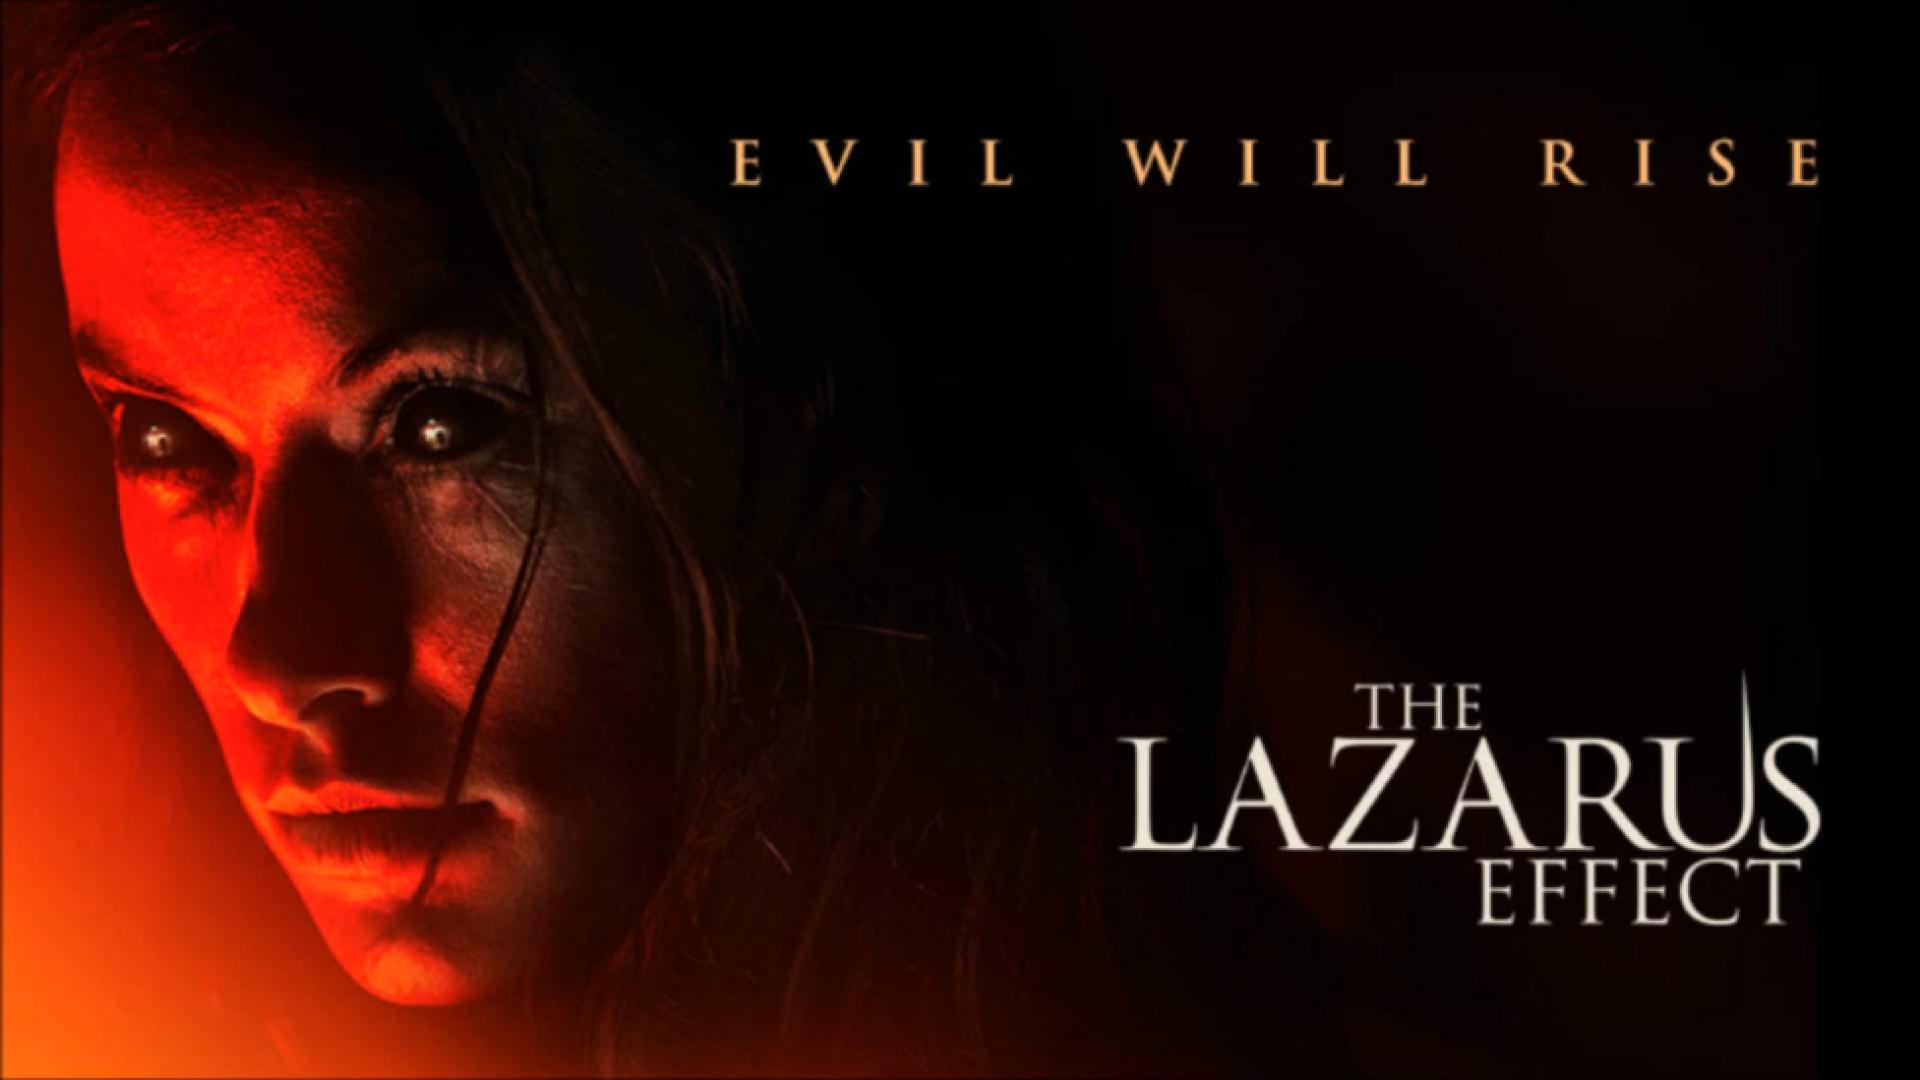 The Lazarus Effect - A Lazarus-hatás (2015)